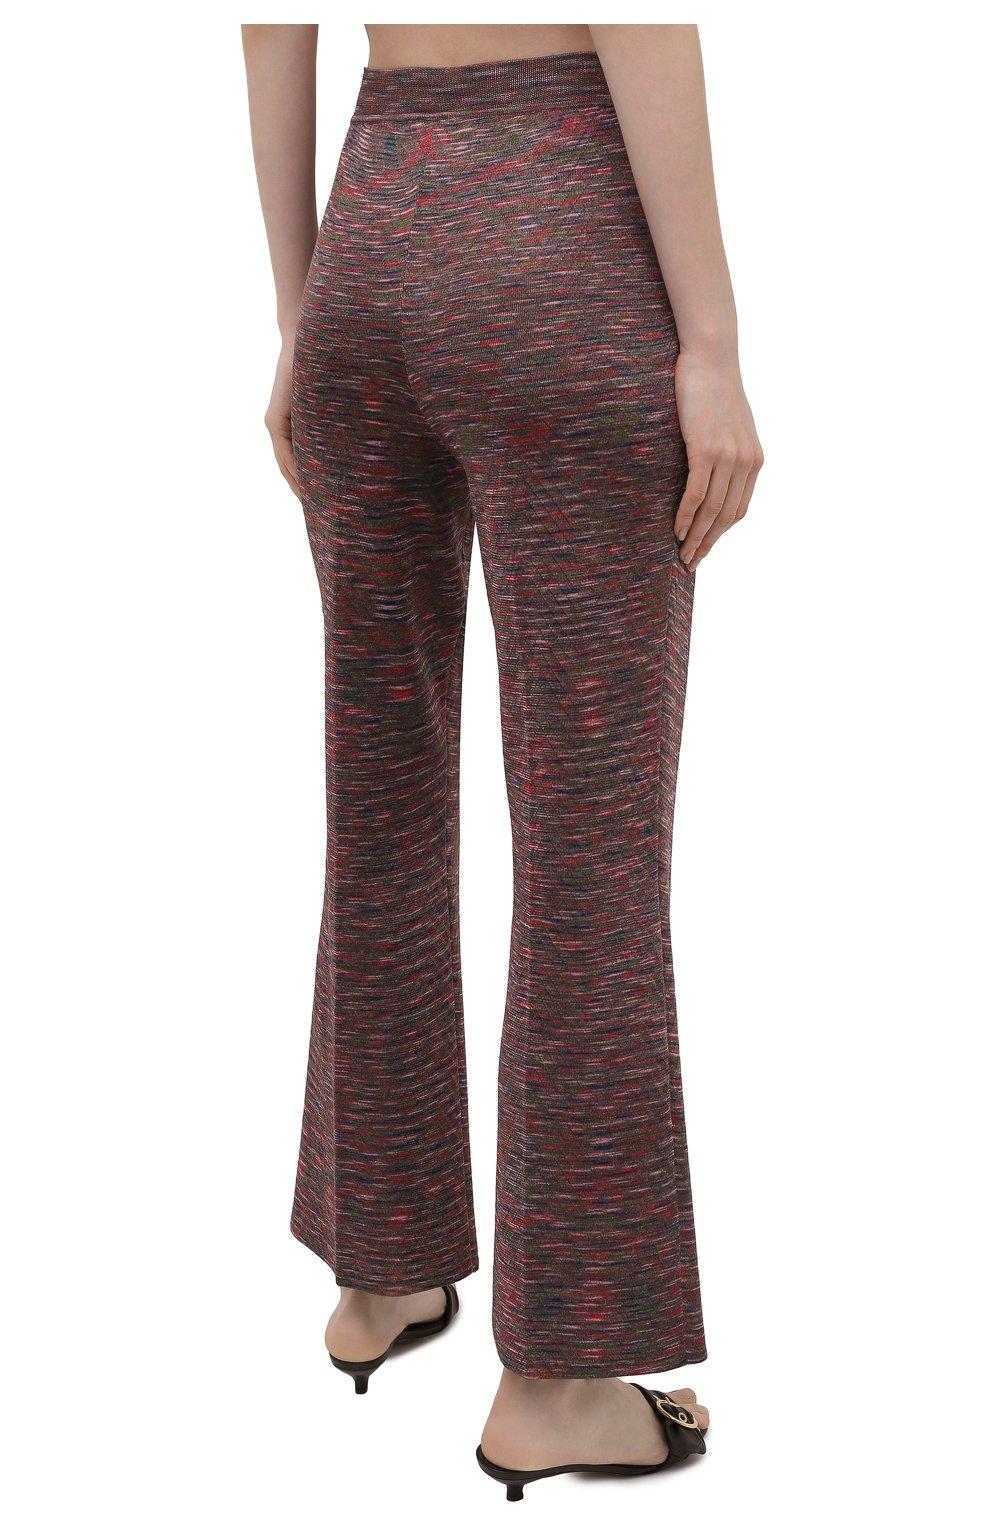 Женские брюки из вискозы и хлопка M MISSONI разноцветного цвета, арт. 2DI00271/2K008B | Фото 4 (Длина (брюки, джинсы): Стандартные; Женское Кросс-КТ: Брюки-одежда; Кросс-КТ: Трикотаж; Силуэт Ж (брюки и джинсы): Расклешенные; Материал внешний: Хлопок, Вискоза; Стили: Бохо)